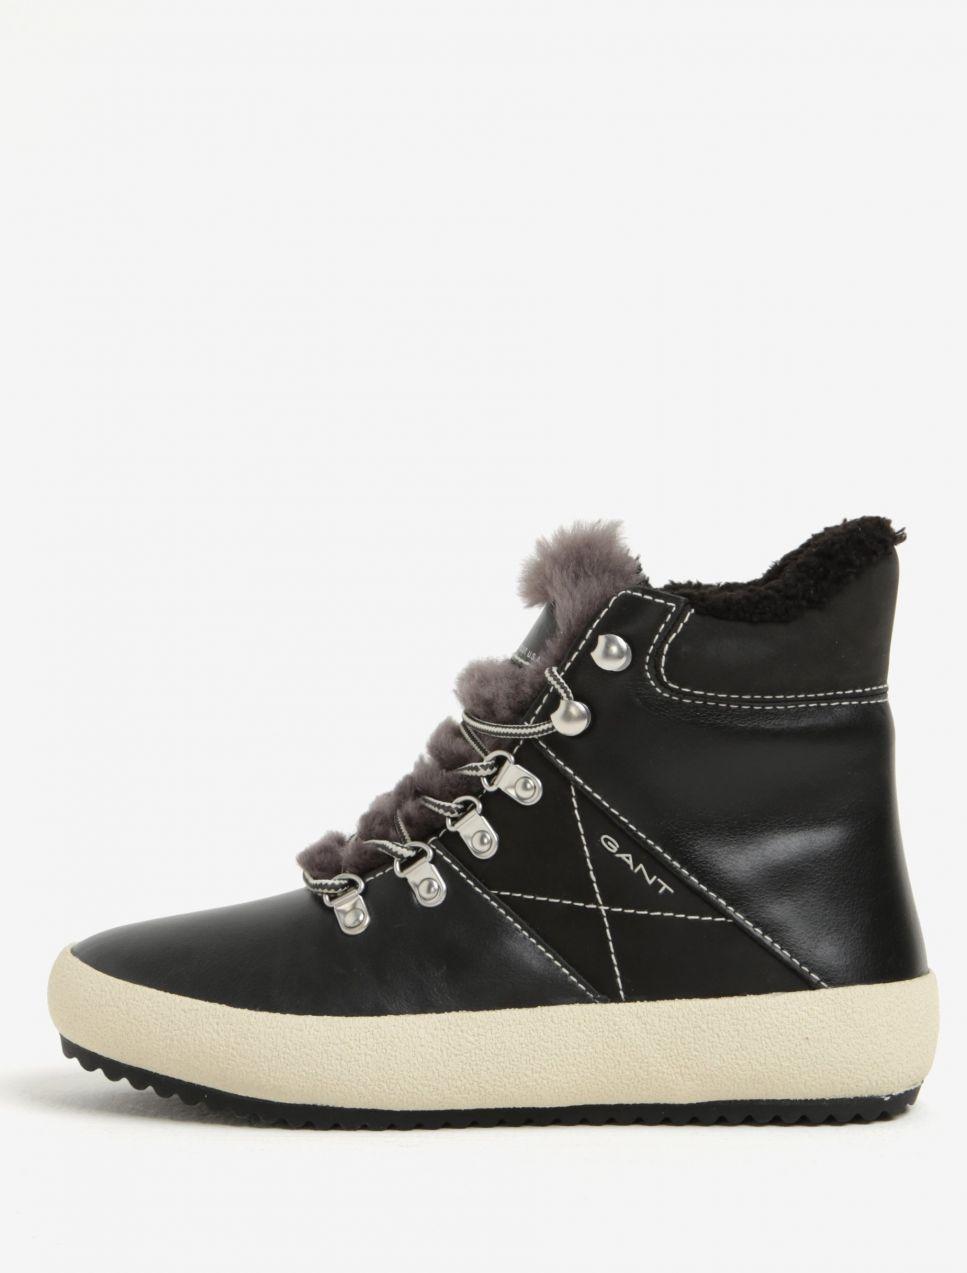 e53b237c2d44 Čierne dámske kožené zateplené členkové topánky GANT Amy značky Gant -  Lovely.sk